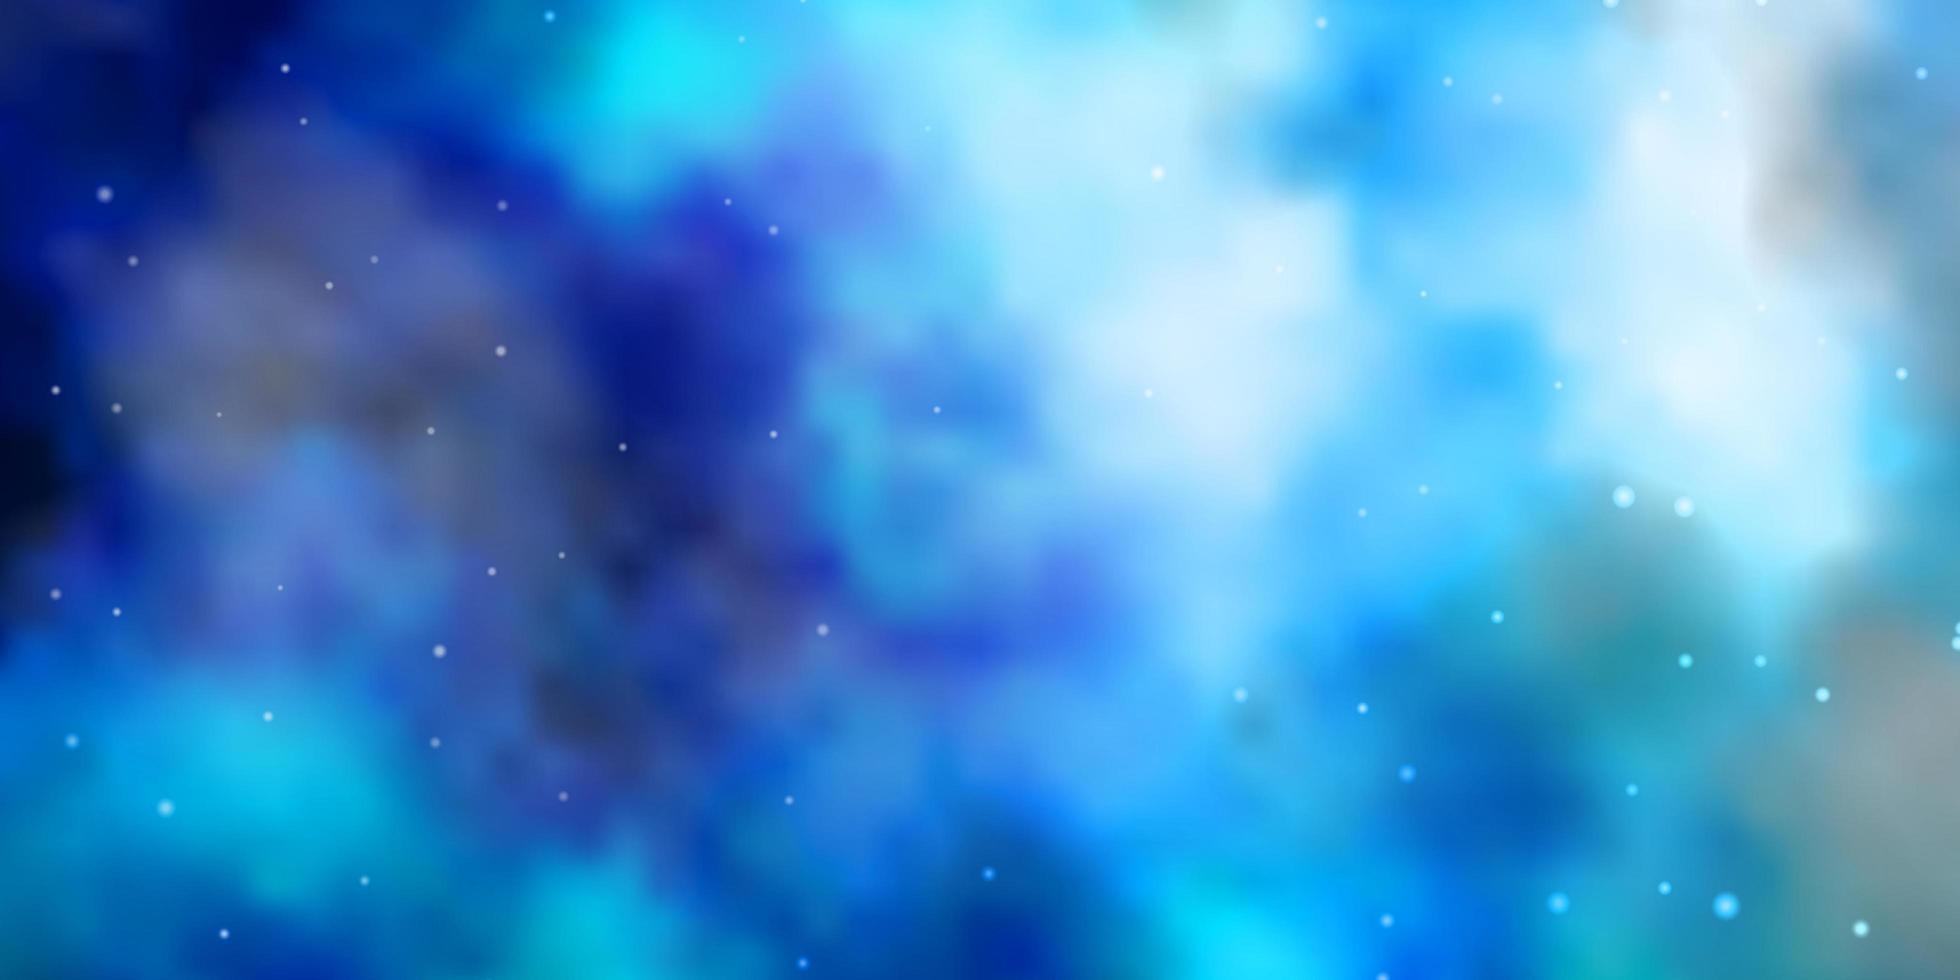 ljusblå vektormönster med abstrakta stjärnor. vektor